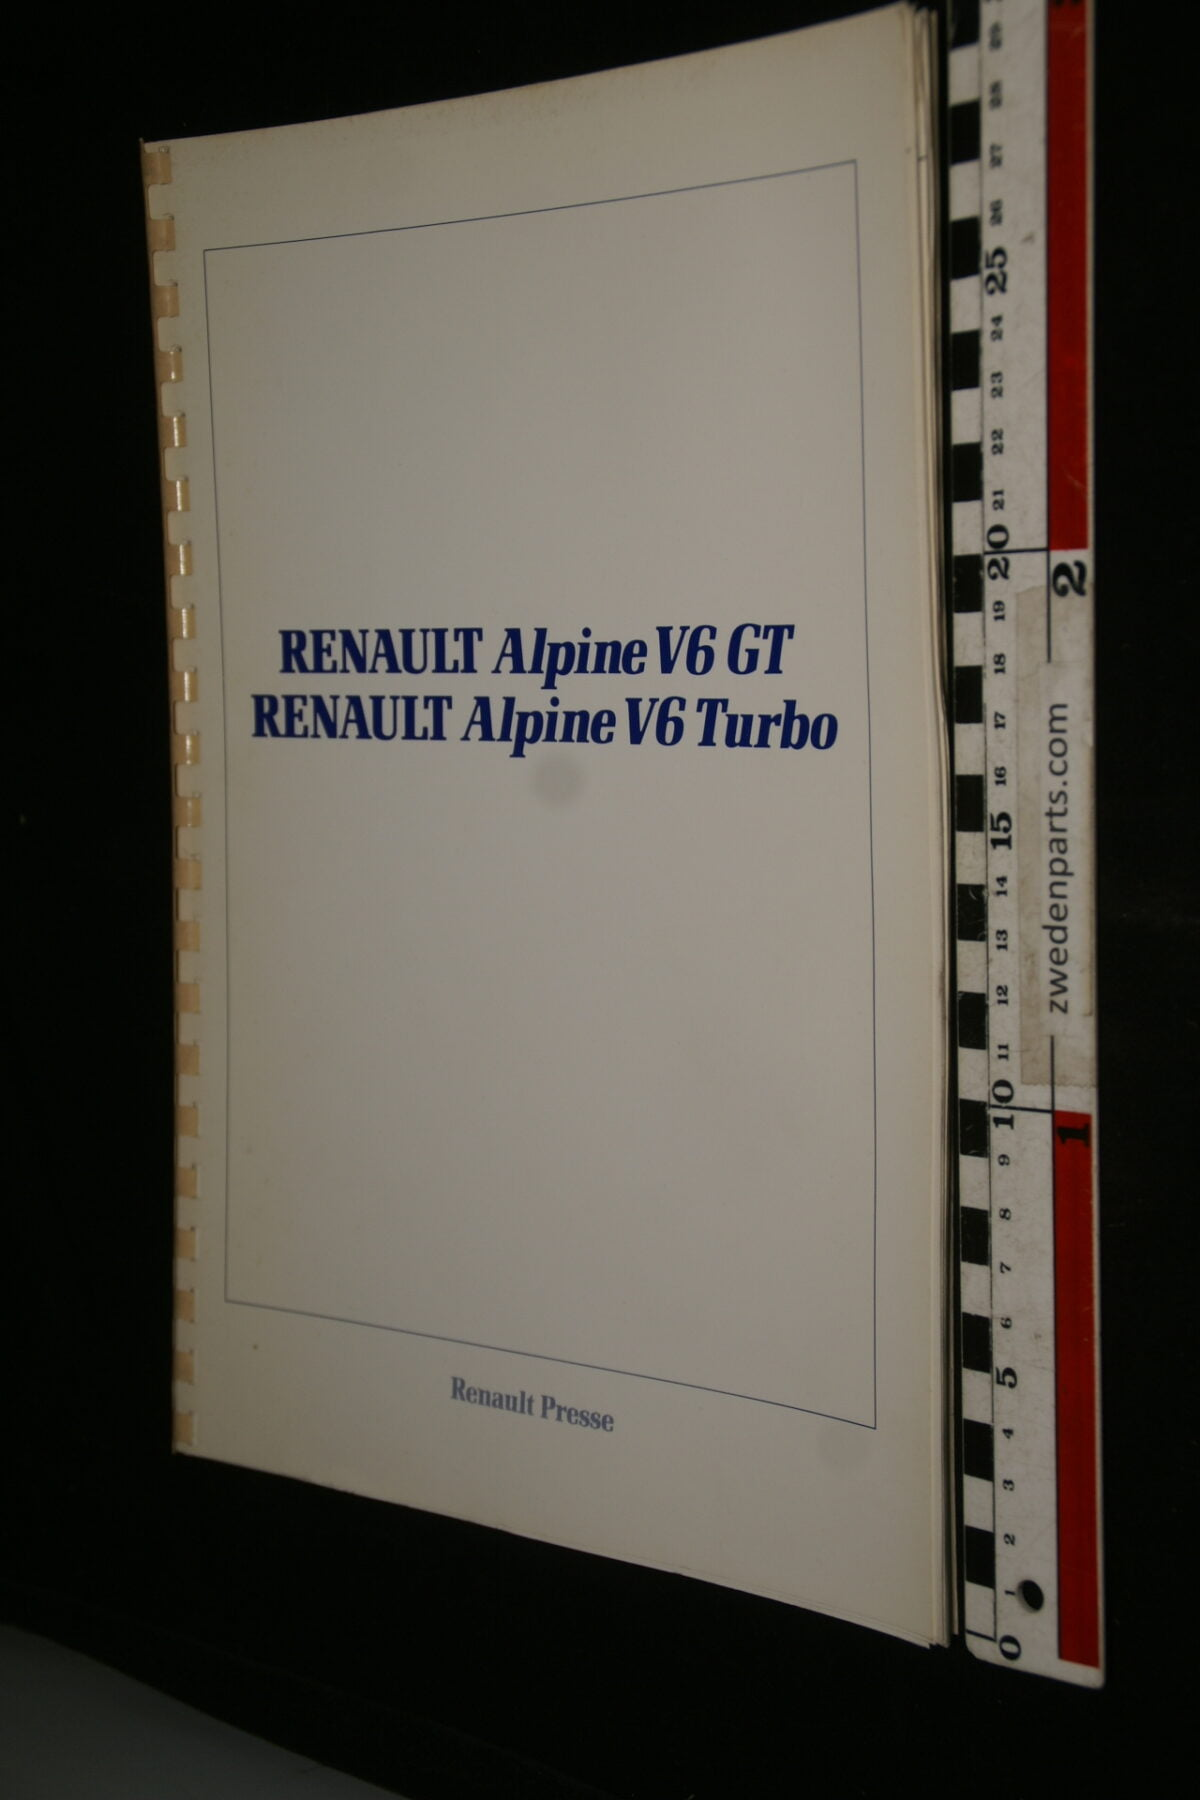 DSC00003 1990 originele persmap Renault Alpine V6GT en V6GT Turbo-d20f9a5f